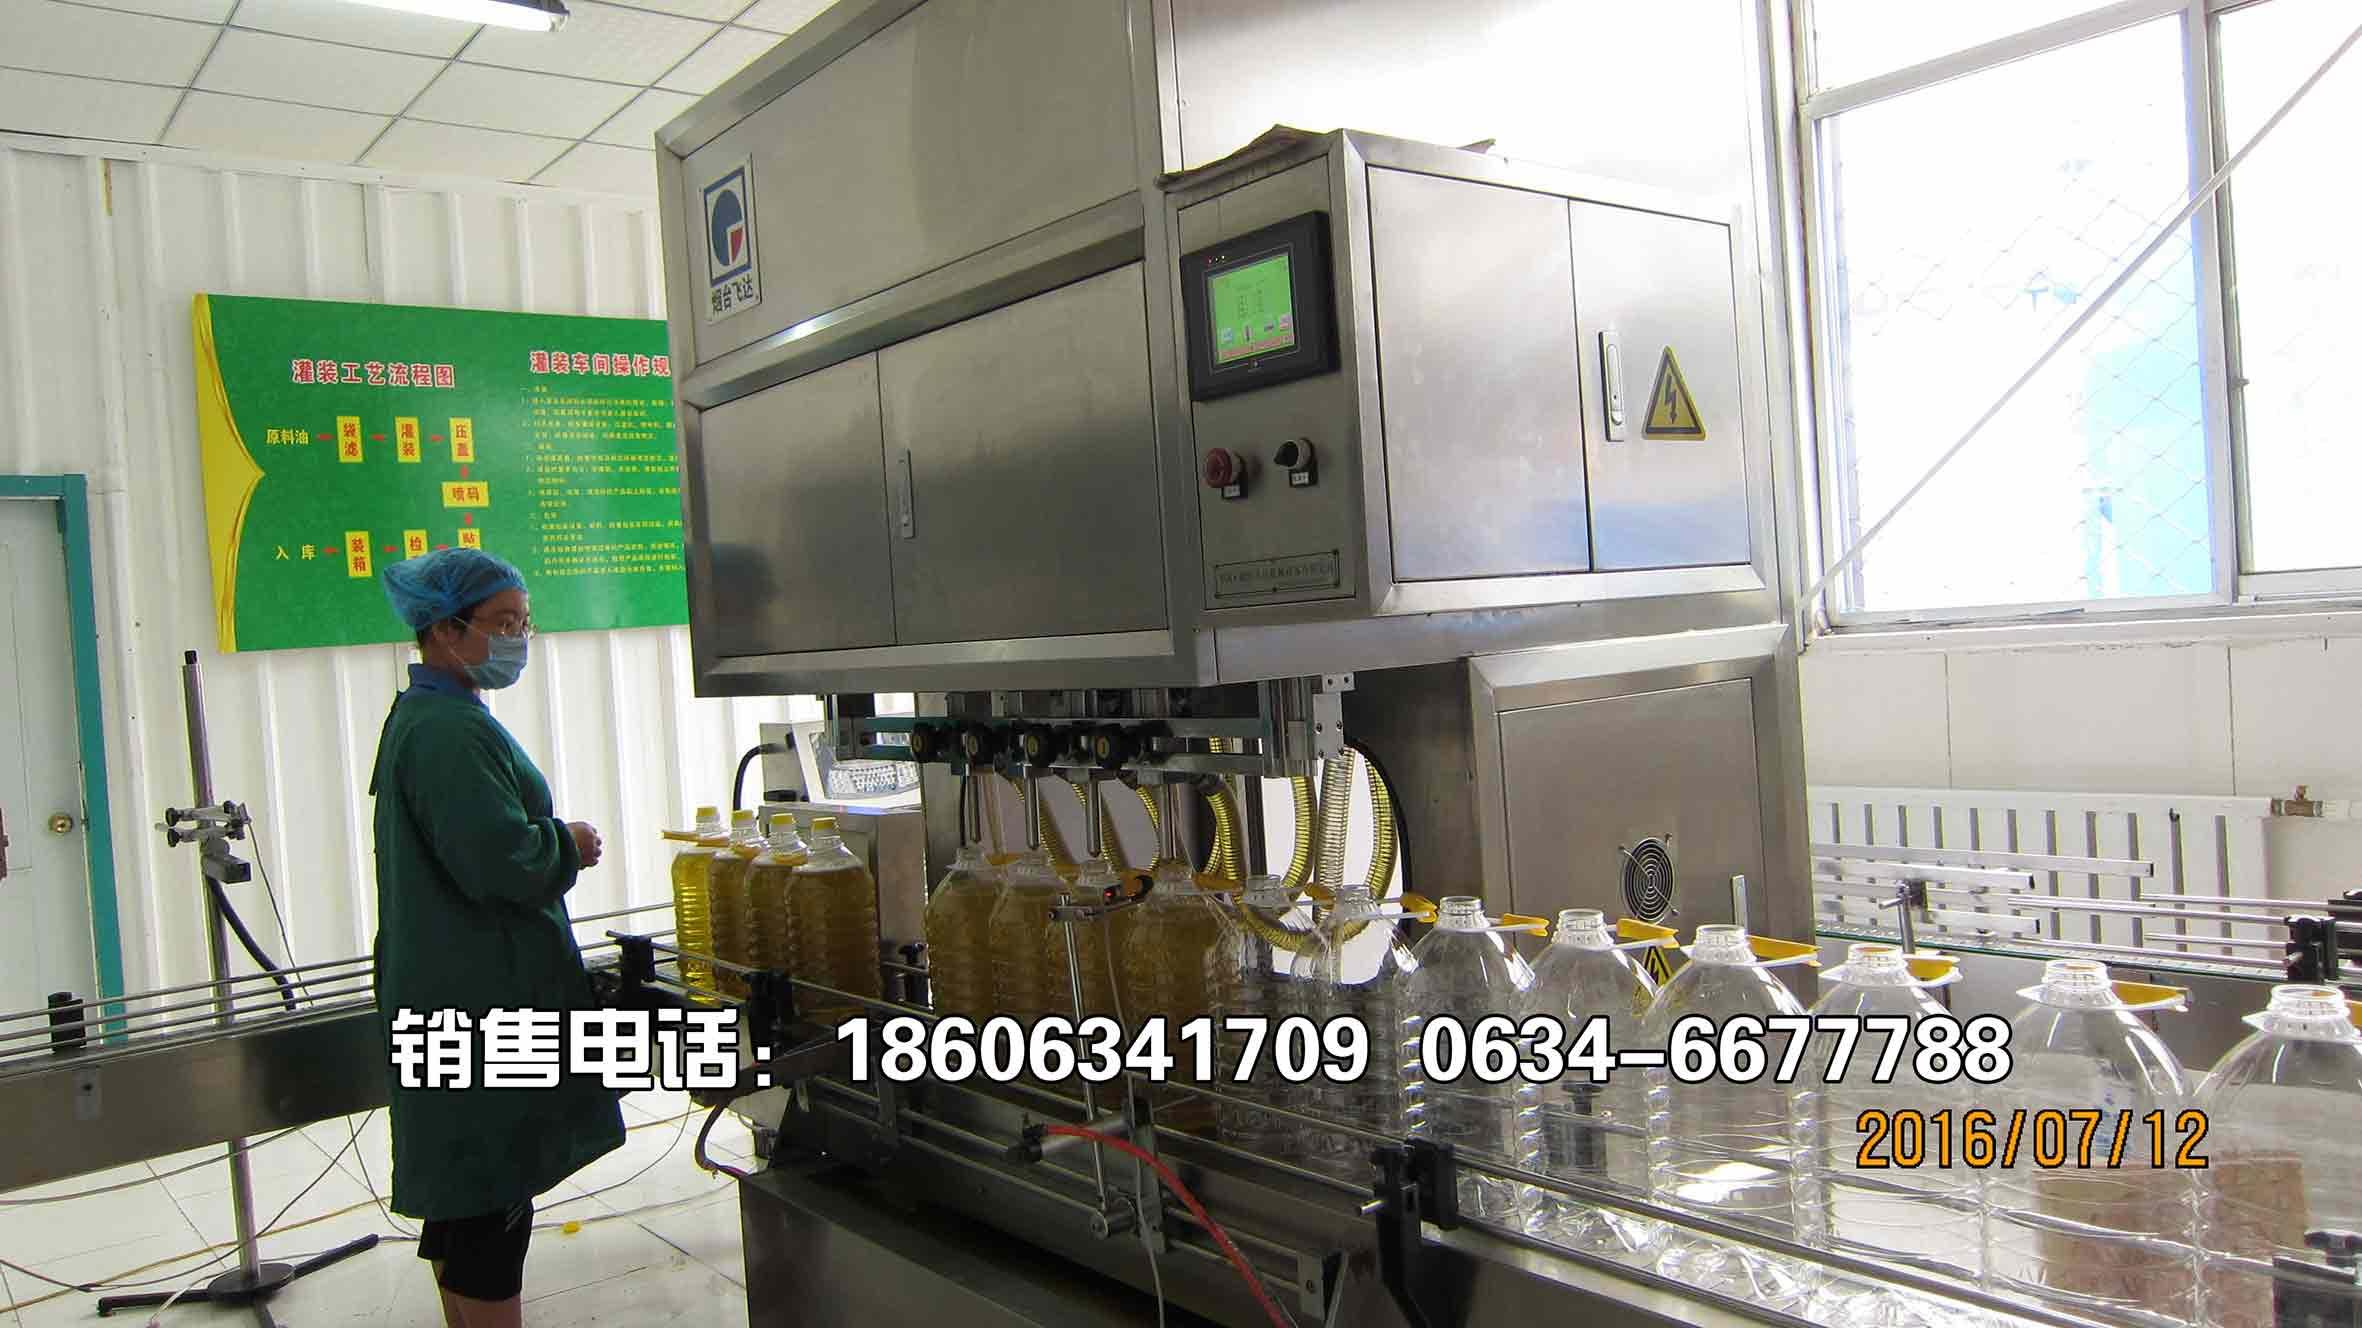 泰安大江食品公司专业的食用油加工厂,工匠精神,榨油专家,经销商的